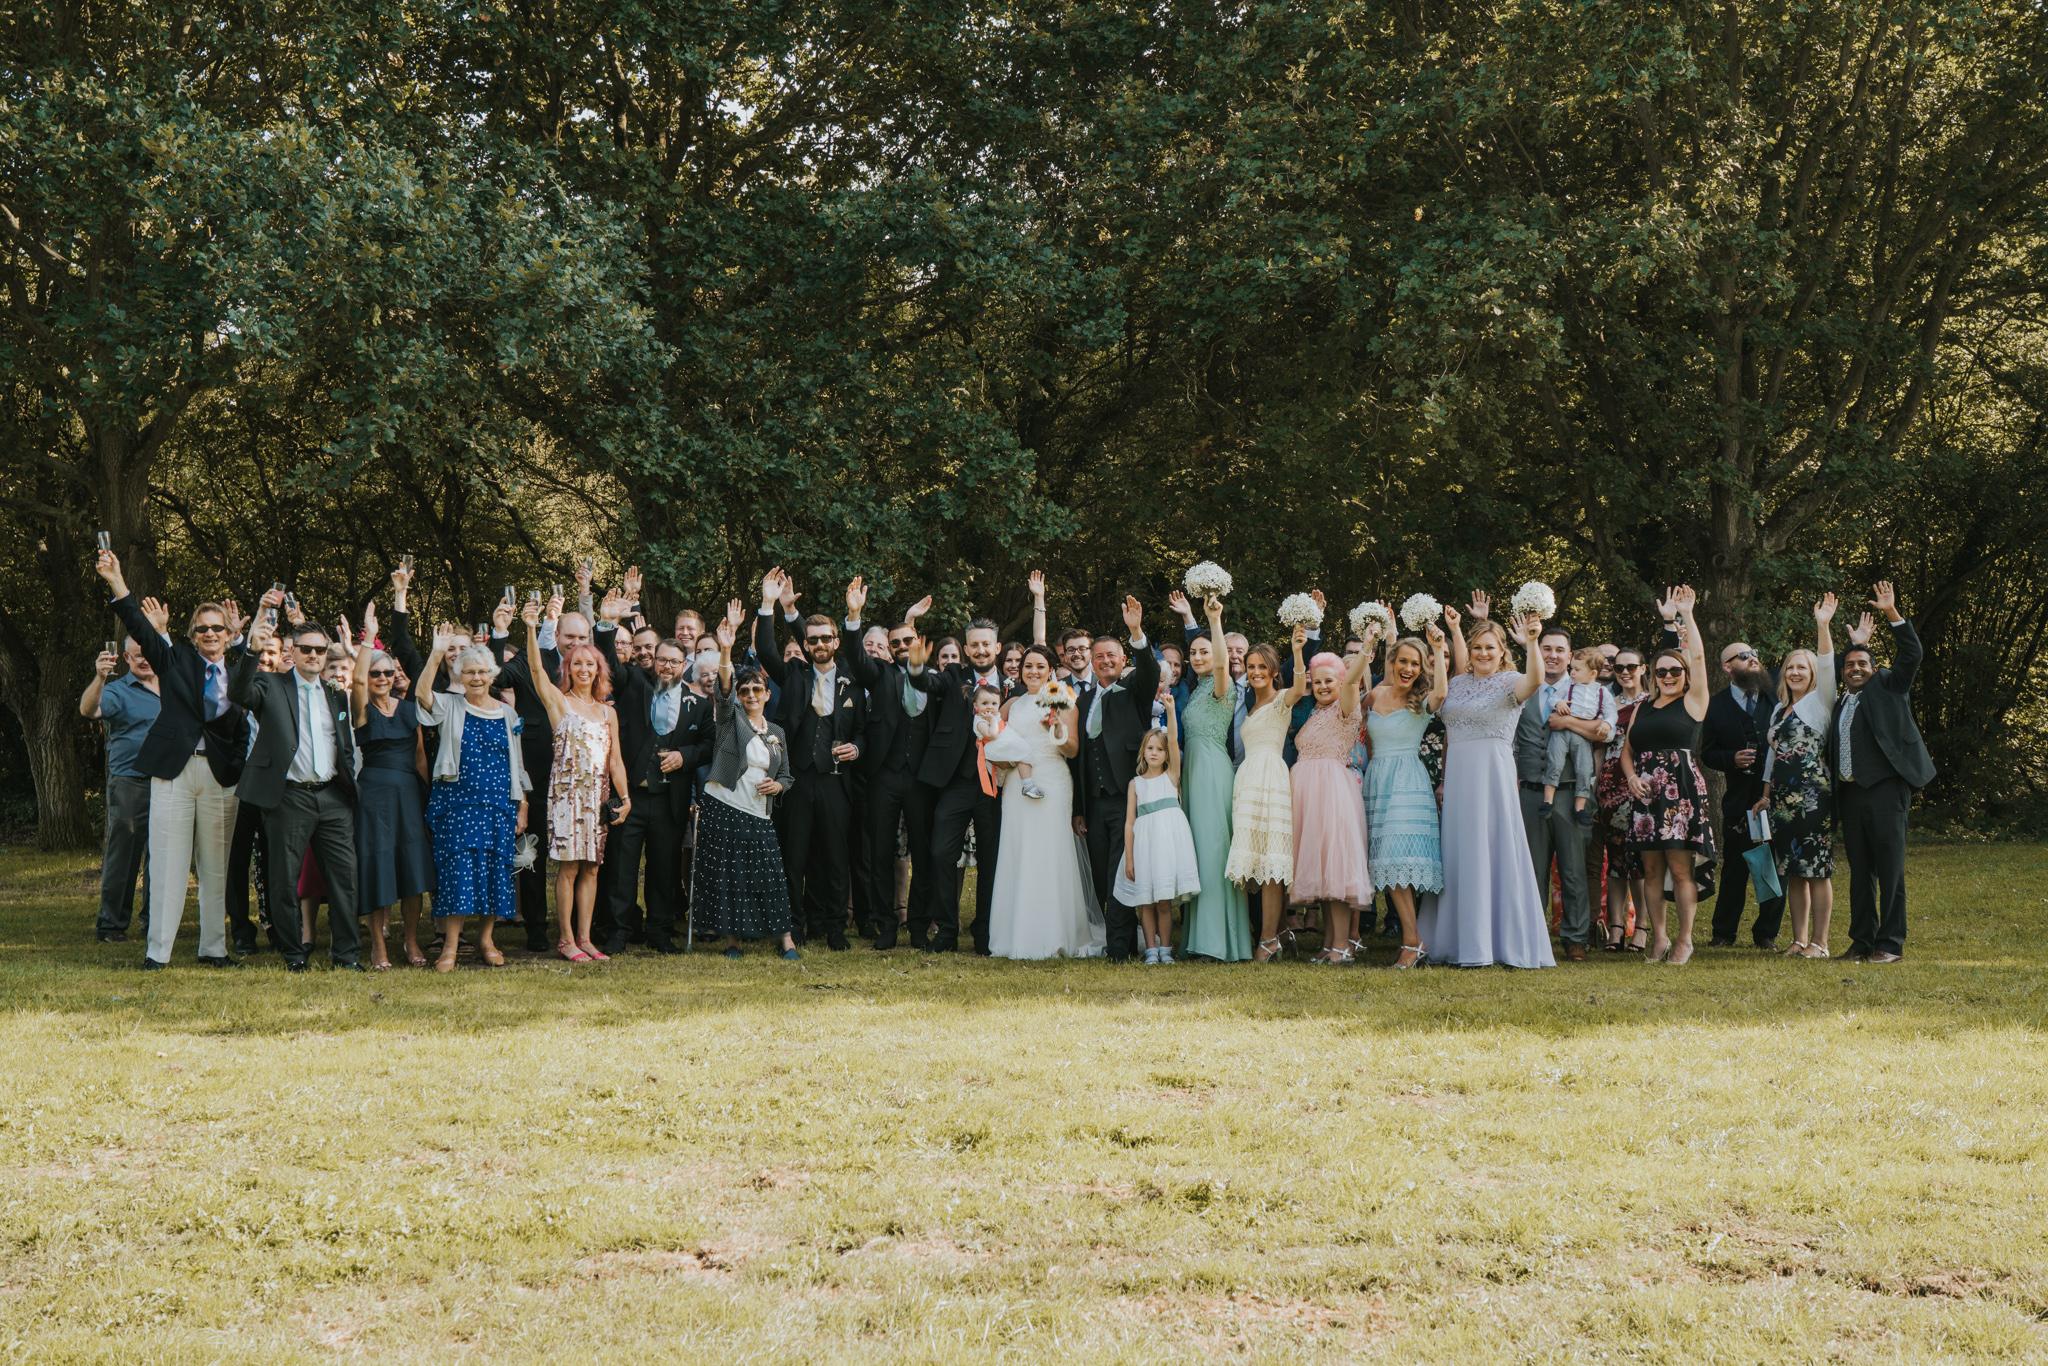 Joe-Tiffany-Colchester-Castle-Wedding-Essex-Grace-Elizabeth-Colchester-Essex-Alternative-Wedding-Photographer-Suffolk-Norfolk-Devon (81 of 122).jpg